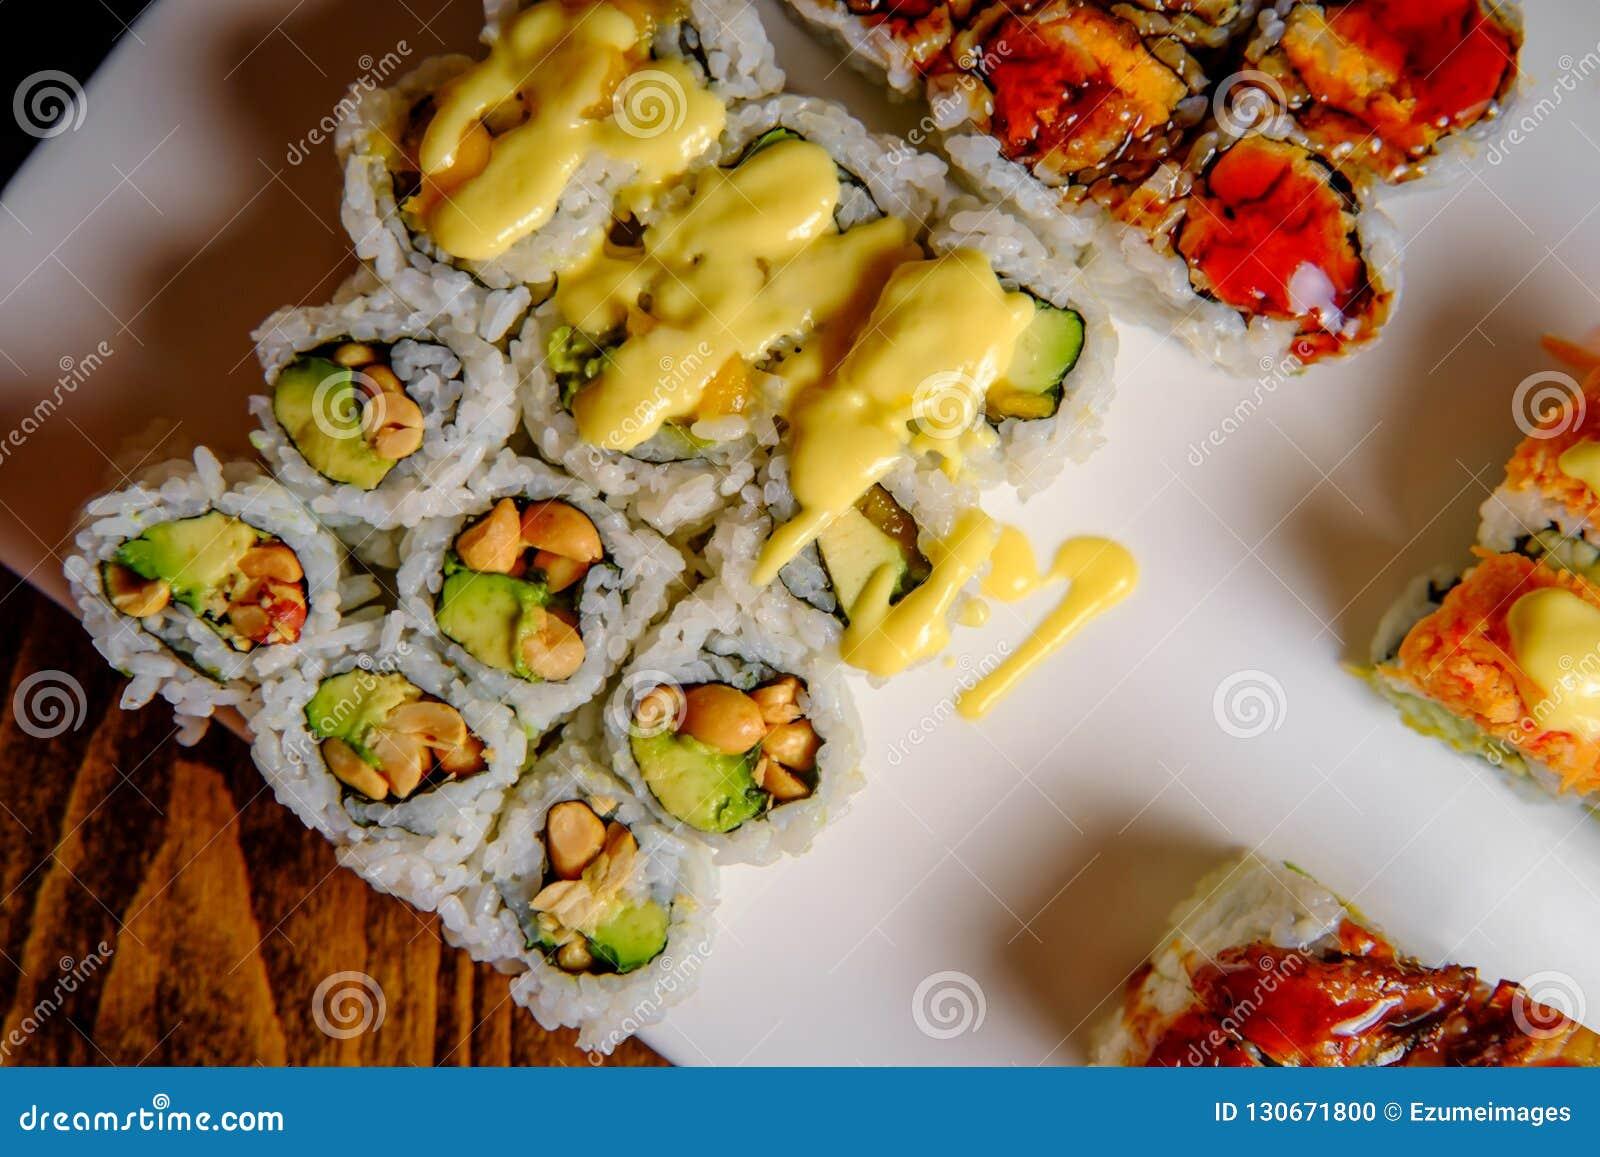 Fancy Sushi Roll Platter